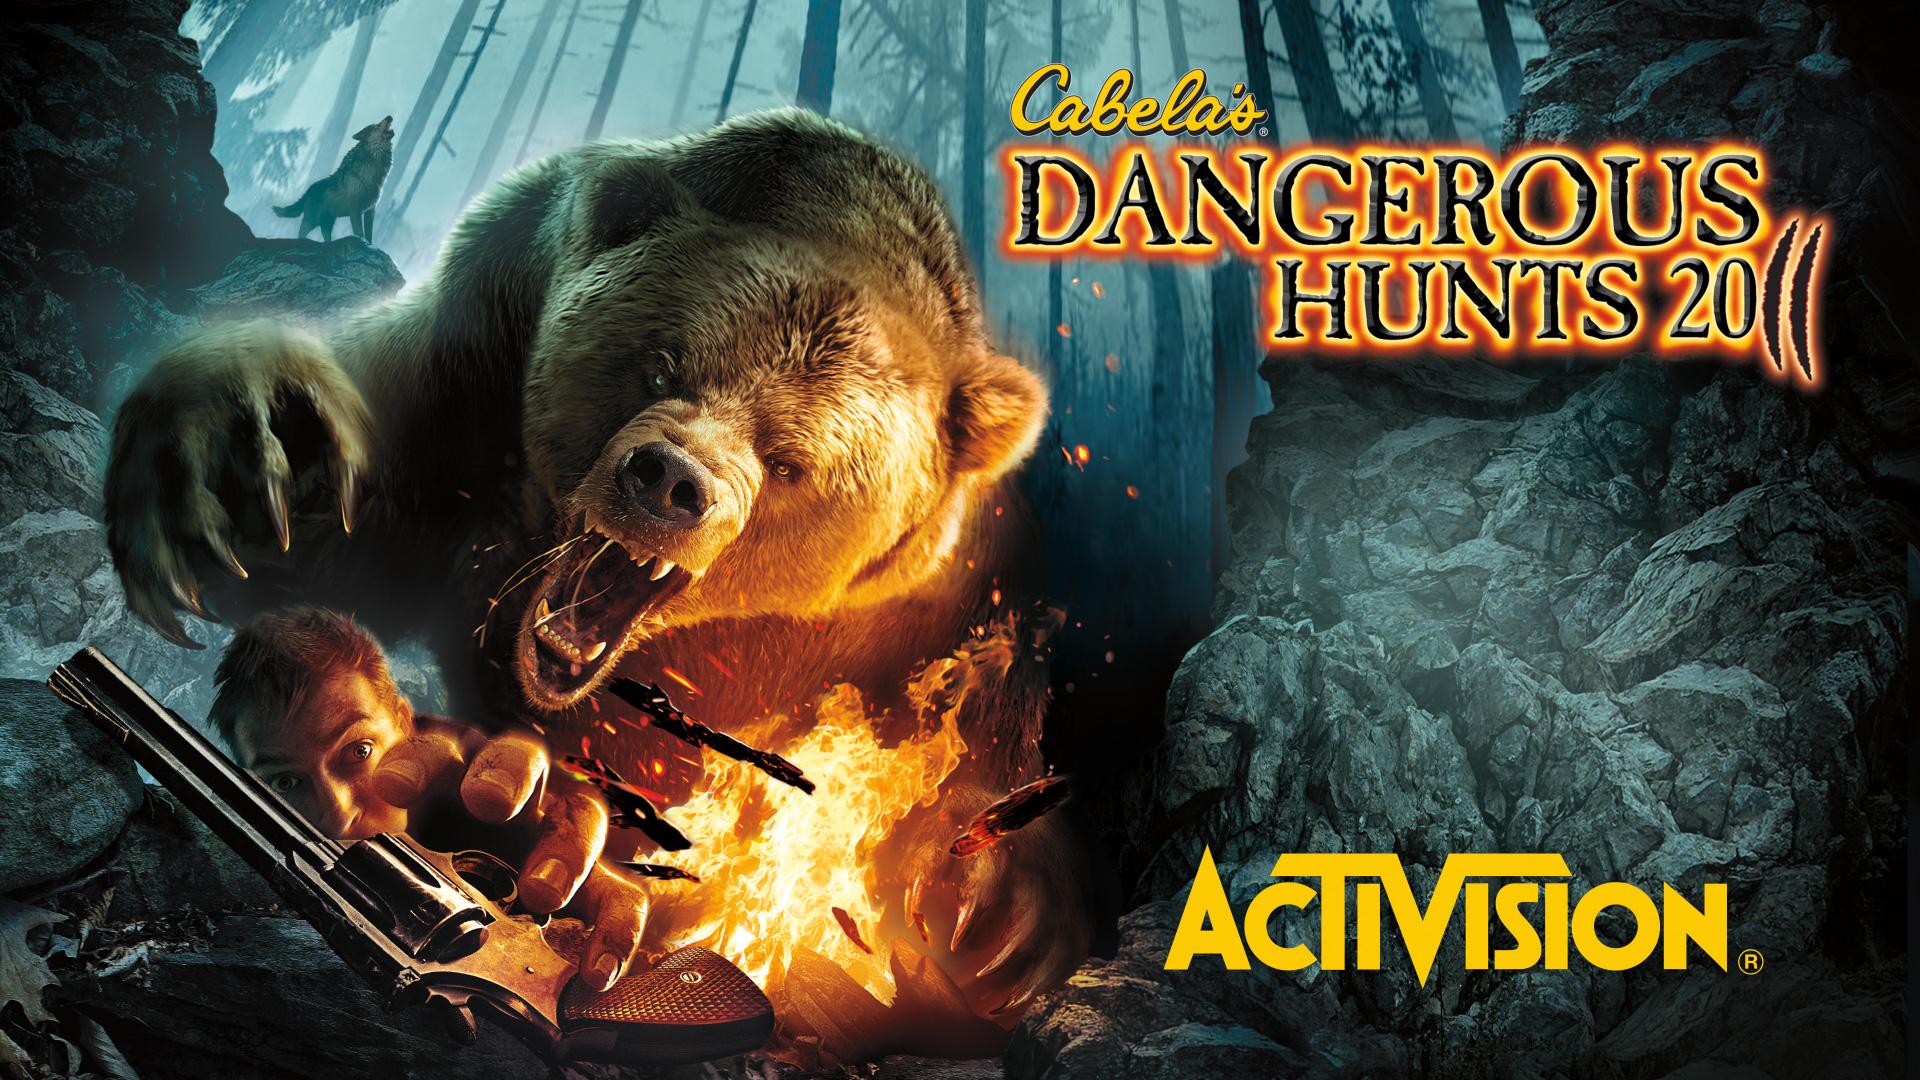 10HCI966_DangerousHuntsBundle_Final3_CC_Thumbnail_v003.jpg